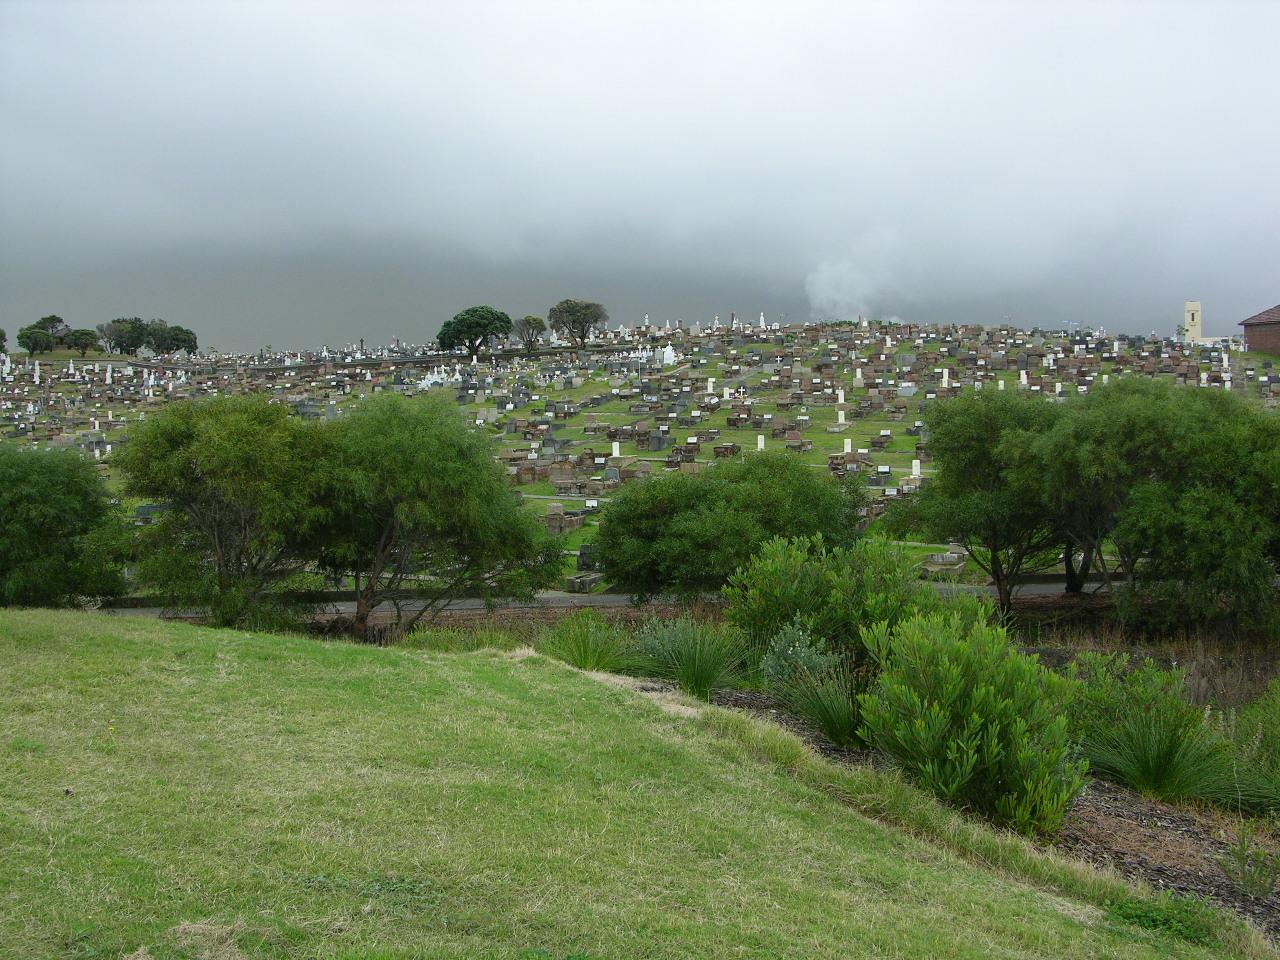 Eastern Suburbs Memorial Park Cemetery and Crematorium - 8